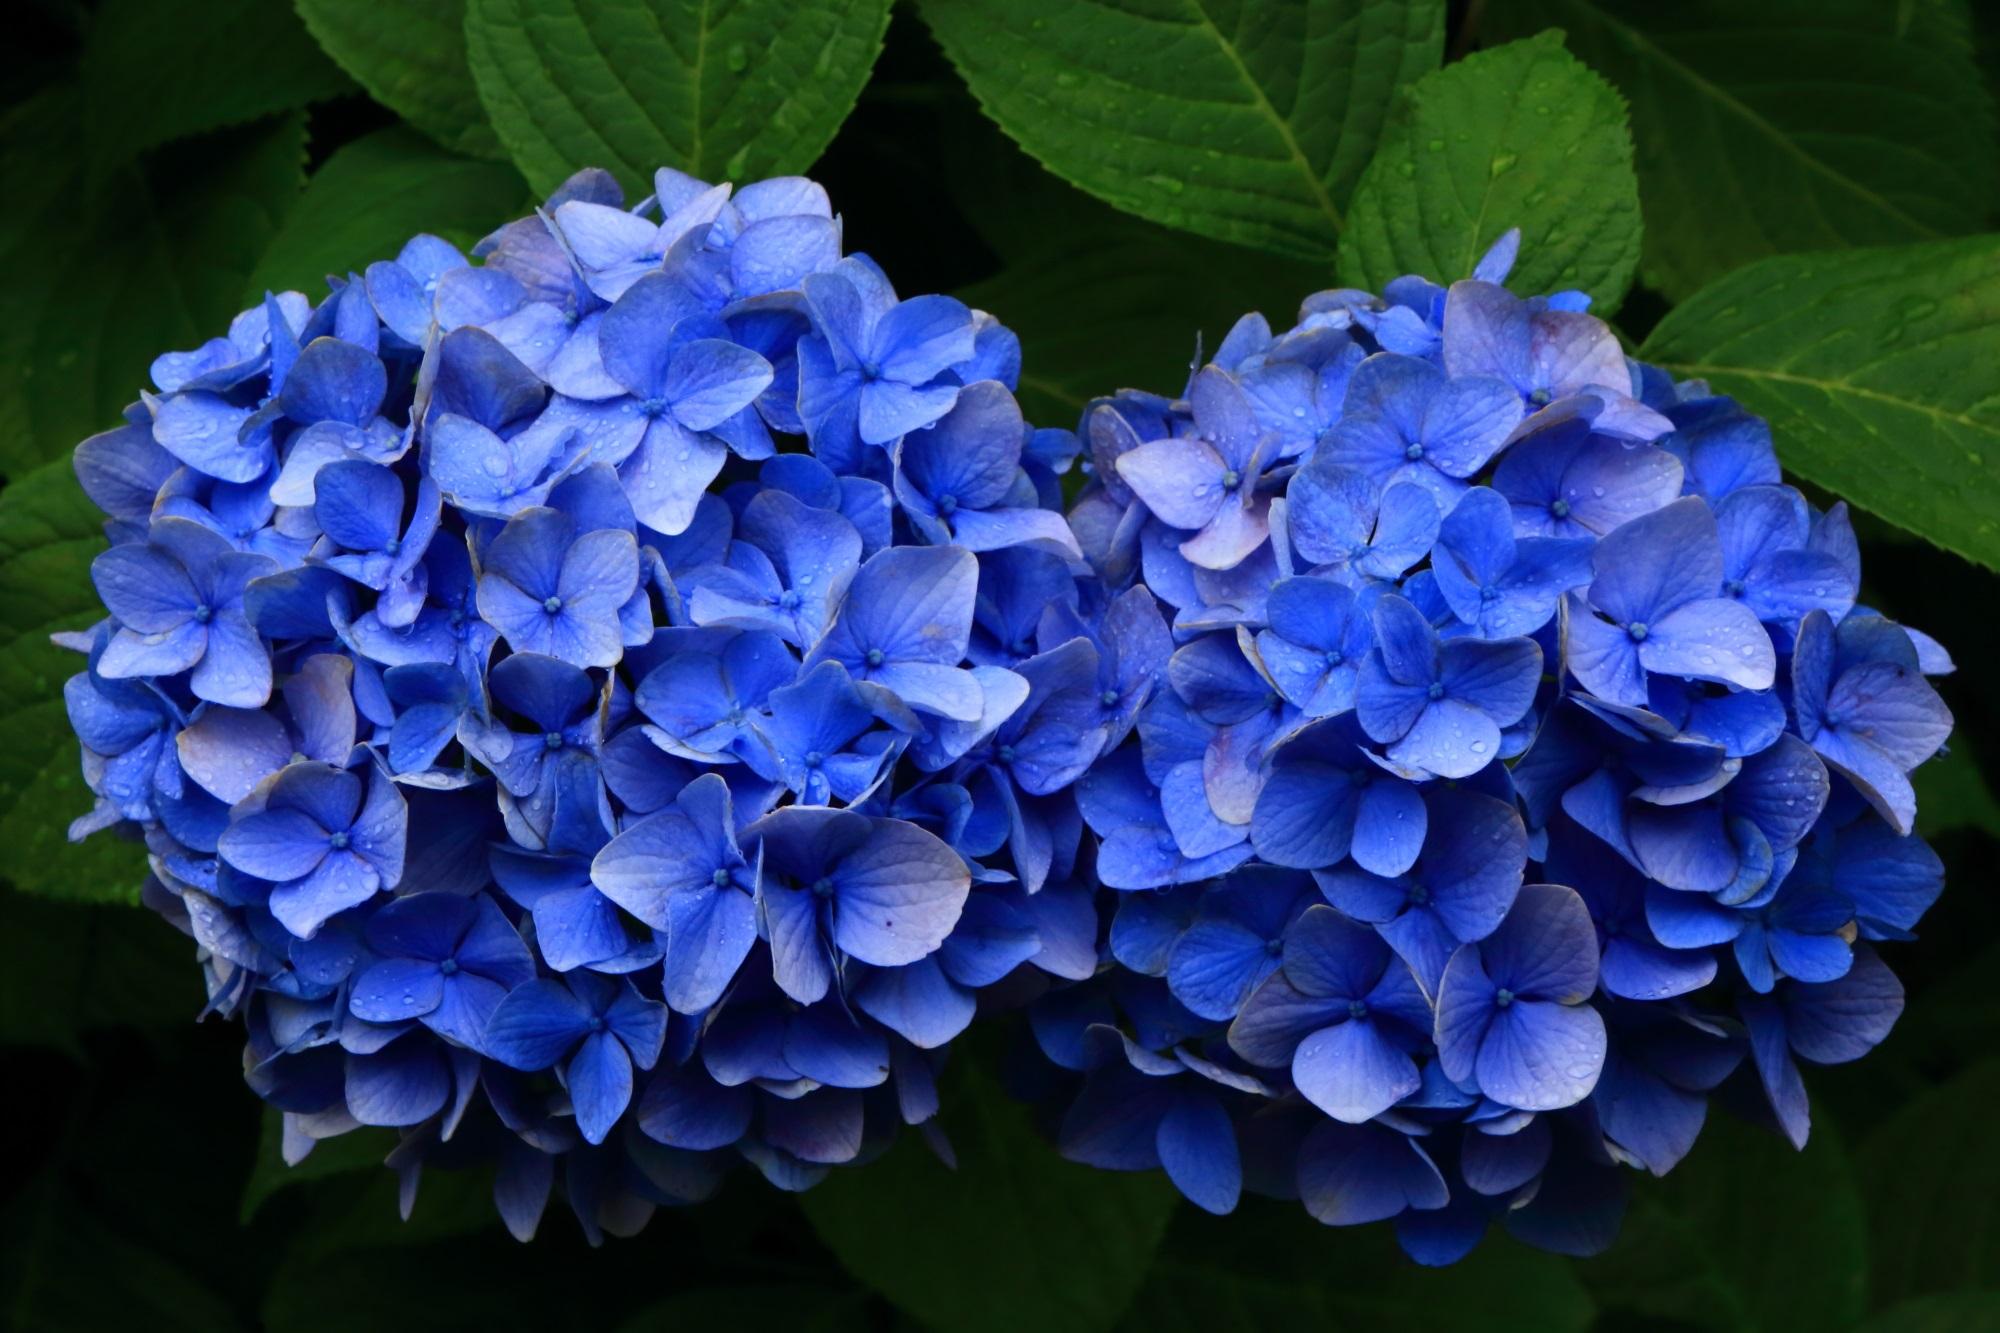 花びらごとに色の強弱がある青い紫陽花